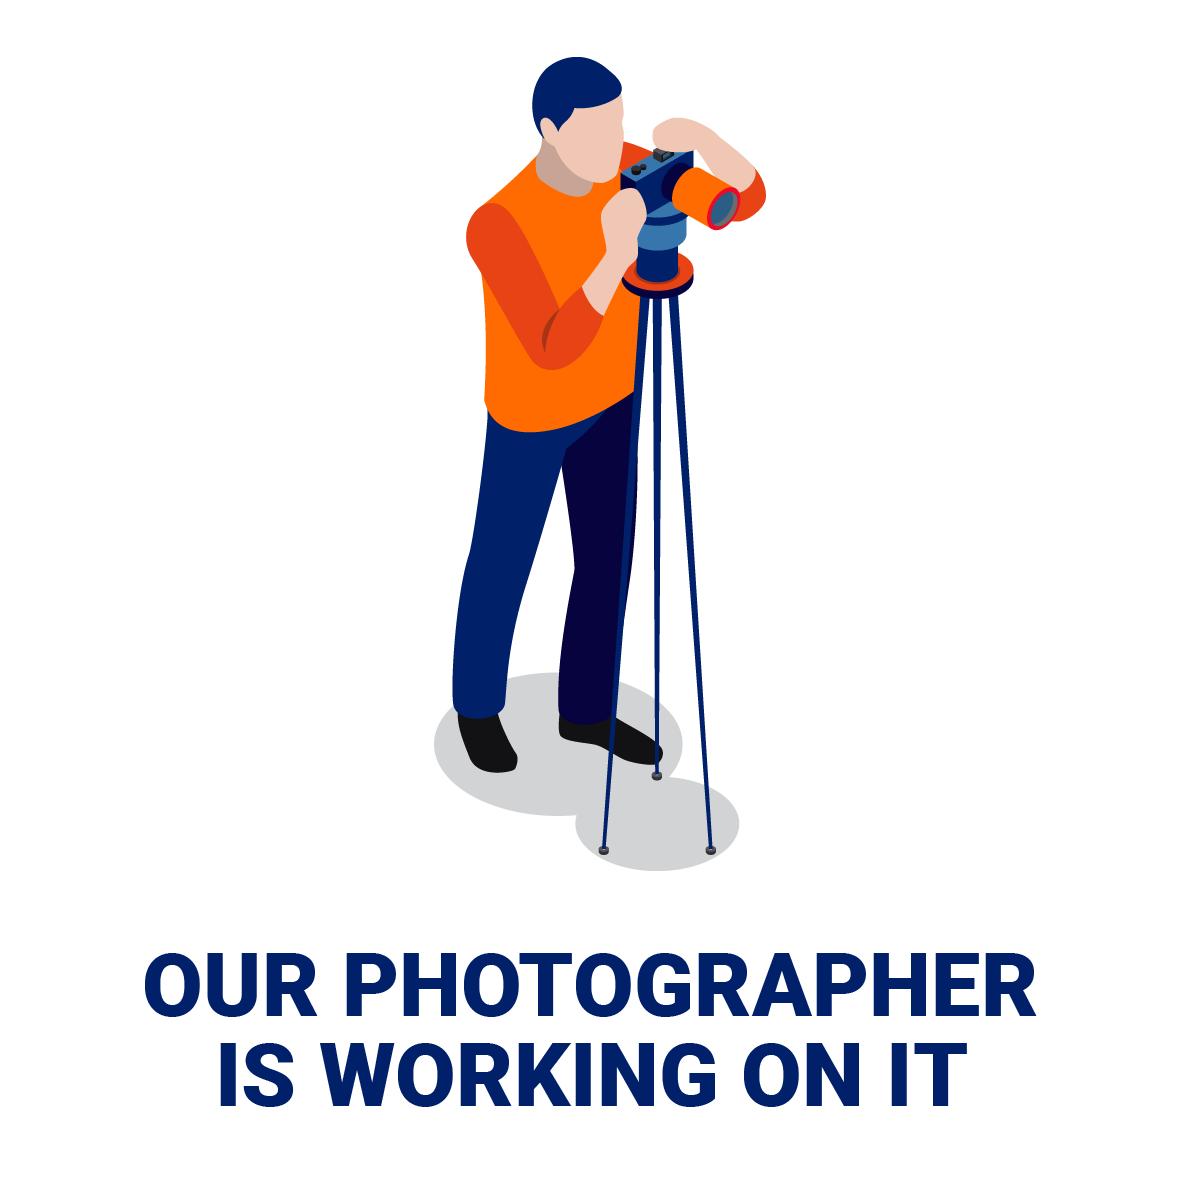 HHCJ6 2496 CORE GPU5